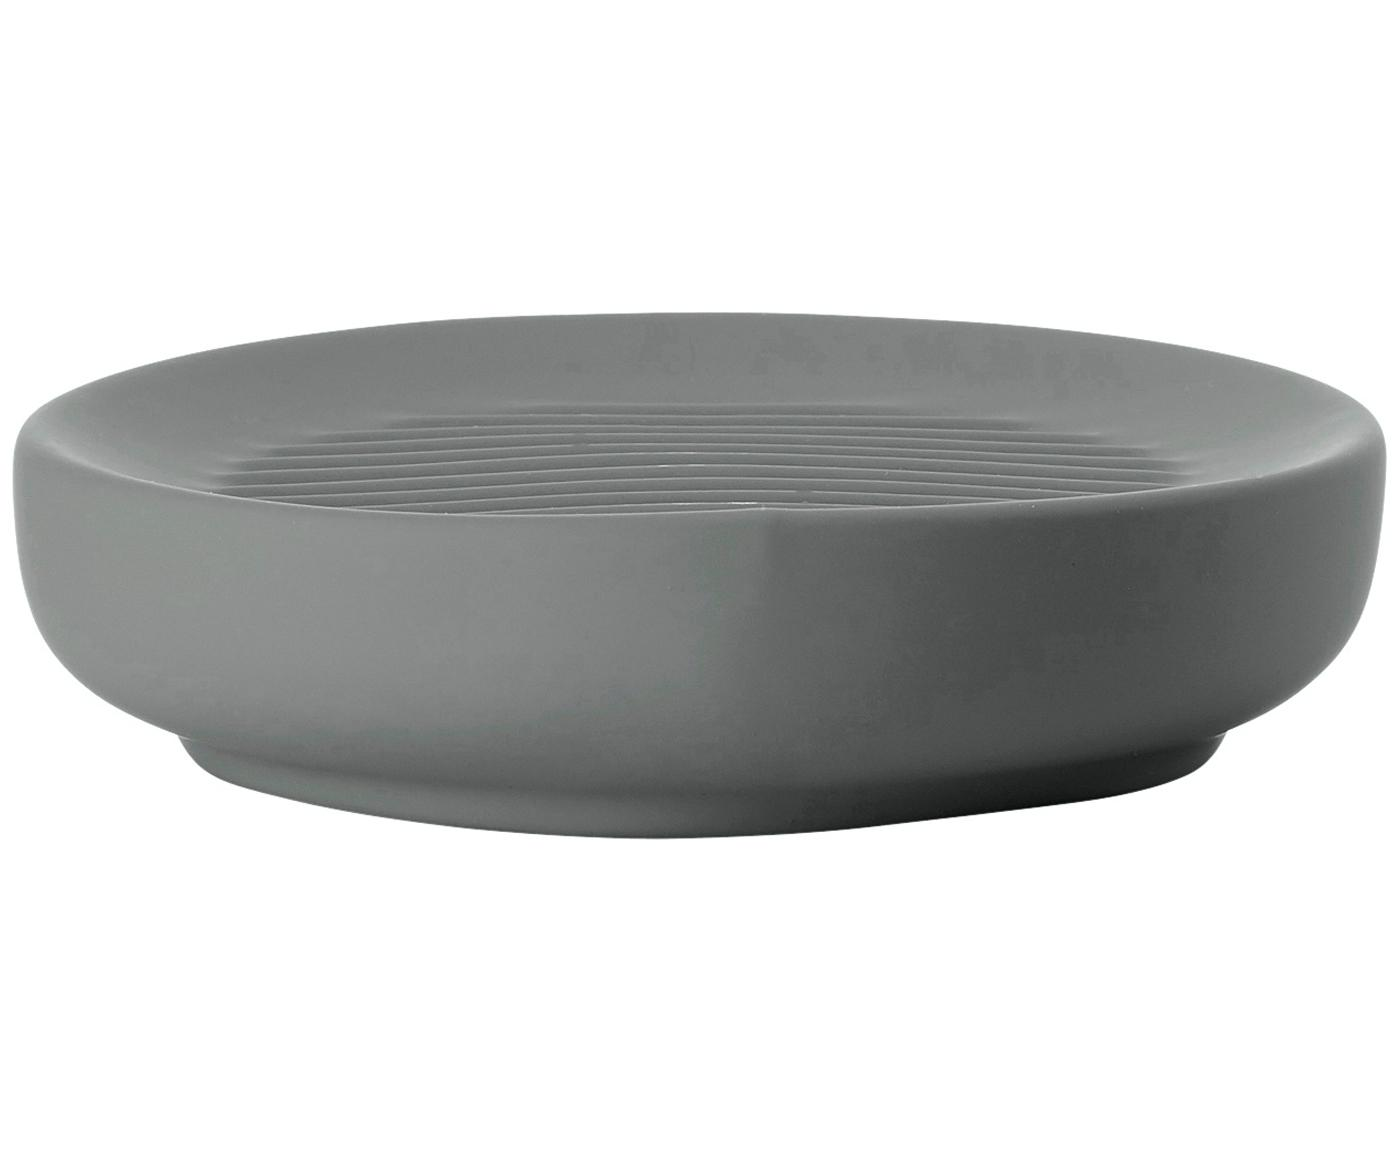 Mydelniczka z porcelany Ume, Porcelana, Szary, Ø 12 x W 3 cm